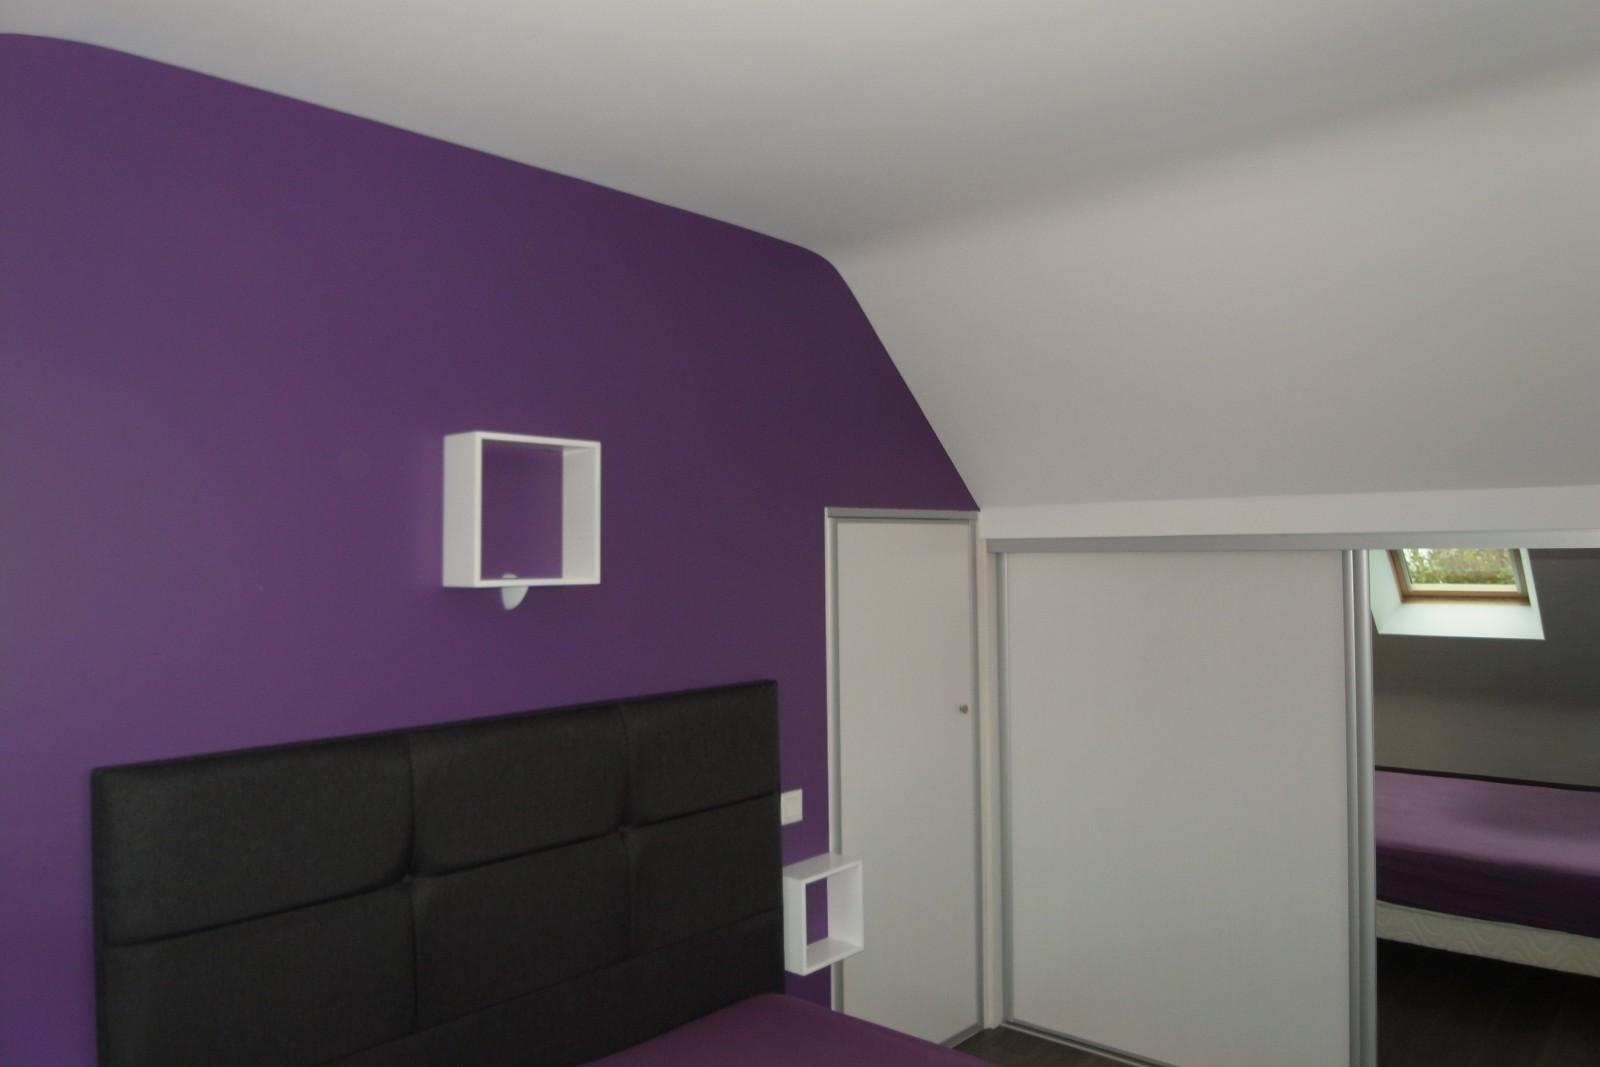 Salle De Bain Plafond Noir - Problème de chauffe-eau qui passe en ...